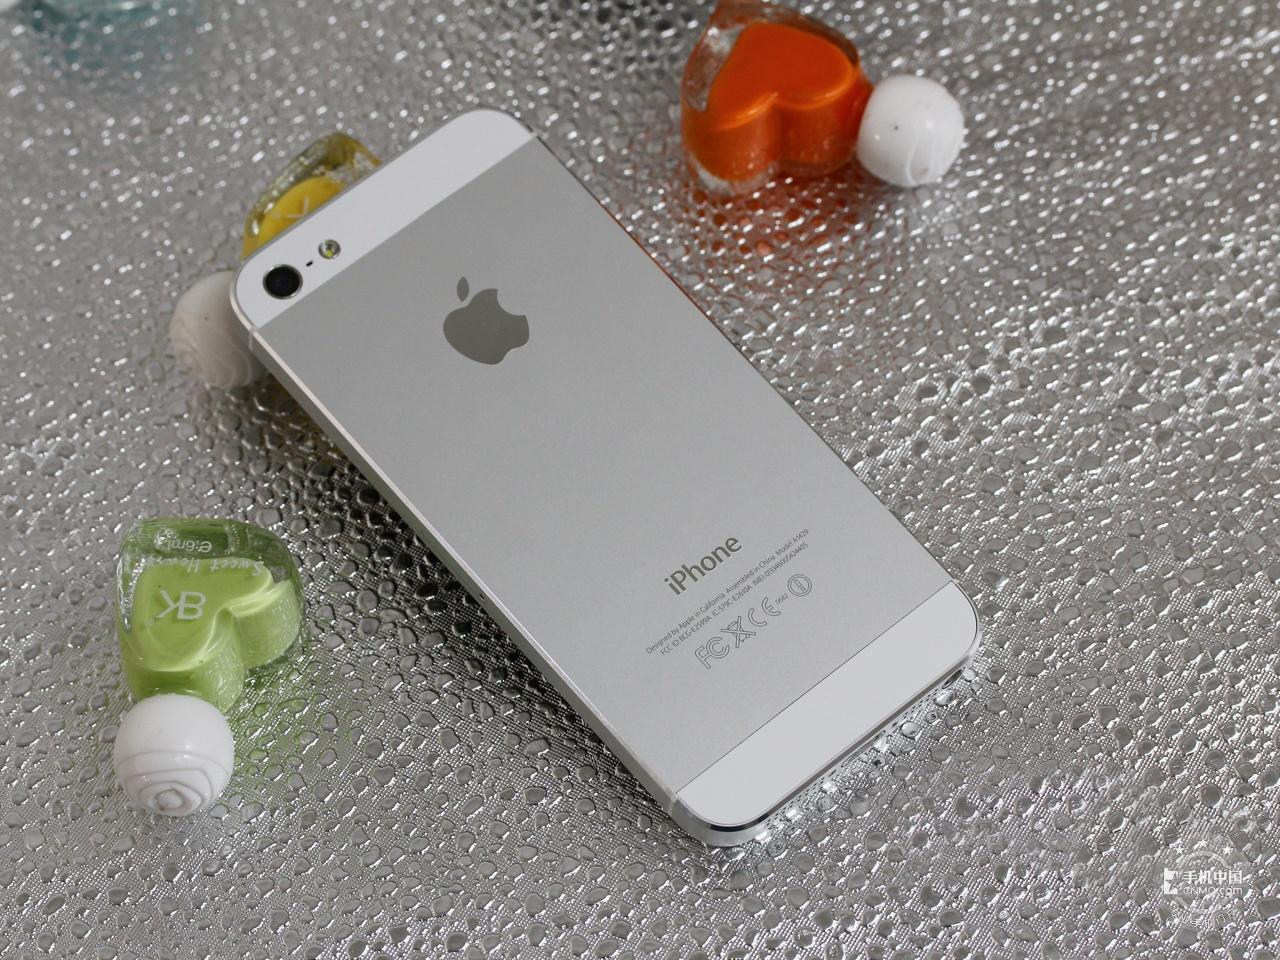 苹果iPhone5(16GB)整体外观第5张